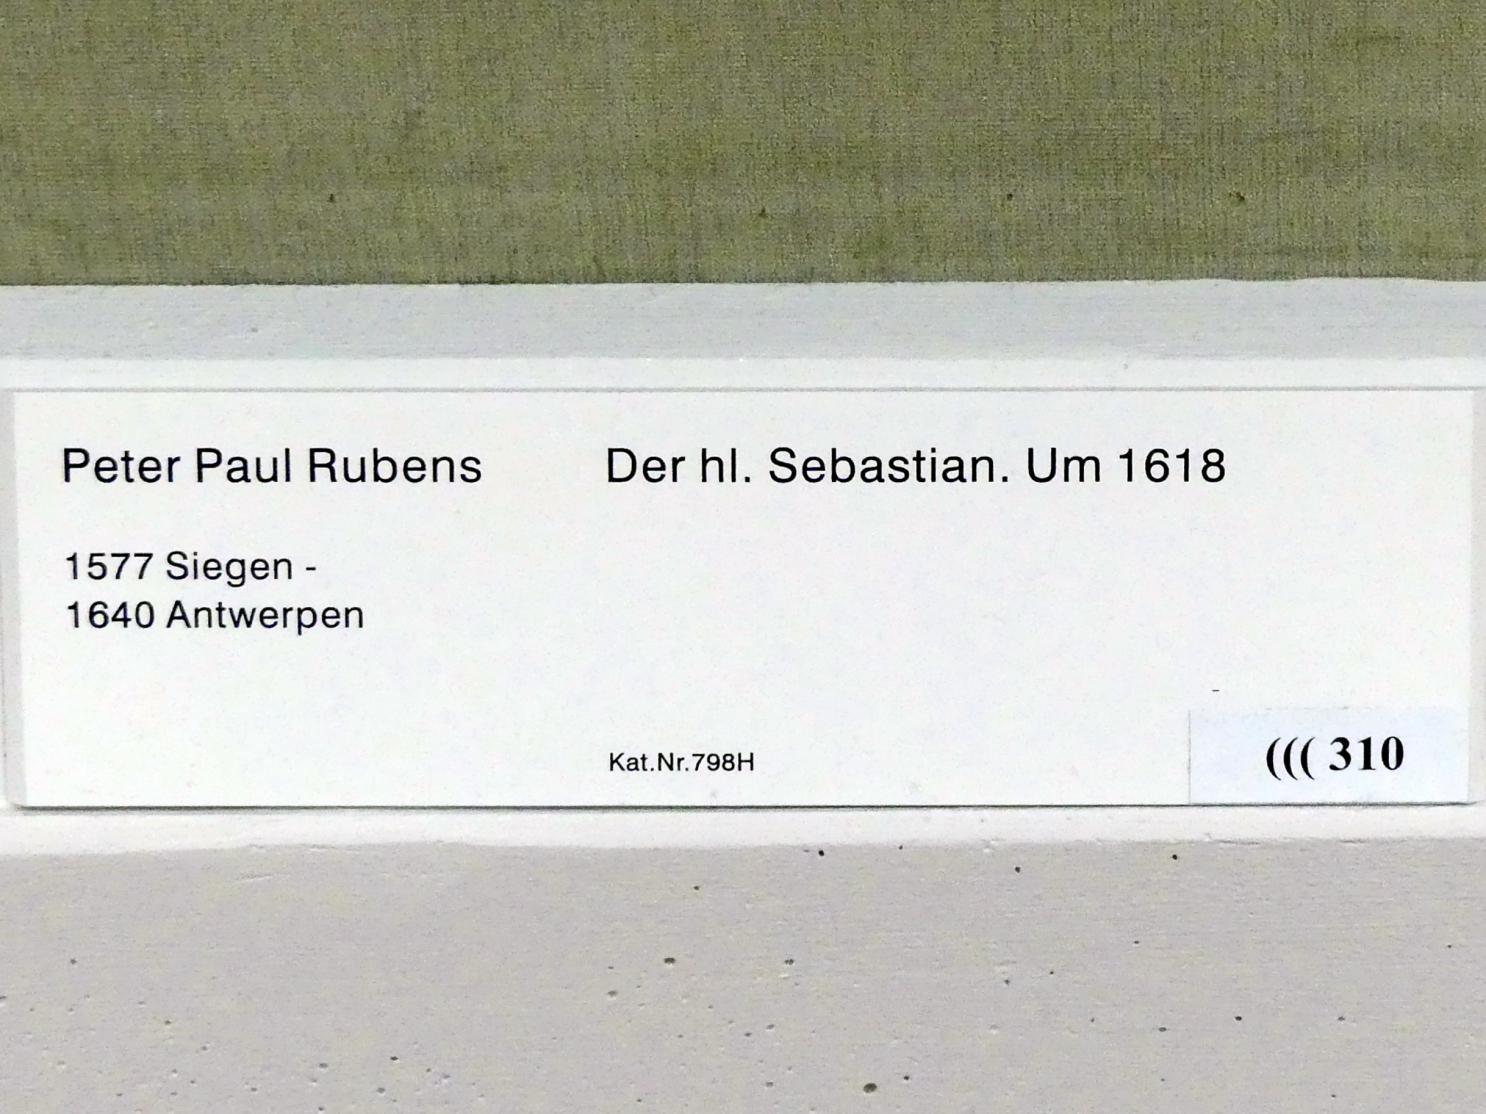 Peter Paul Rubens: Der hl. Sebastian, um 1618, Bild 2/2